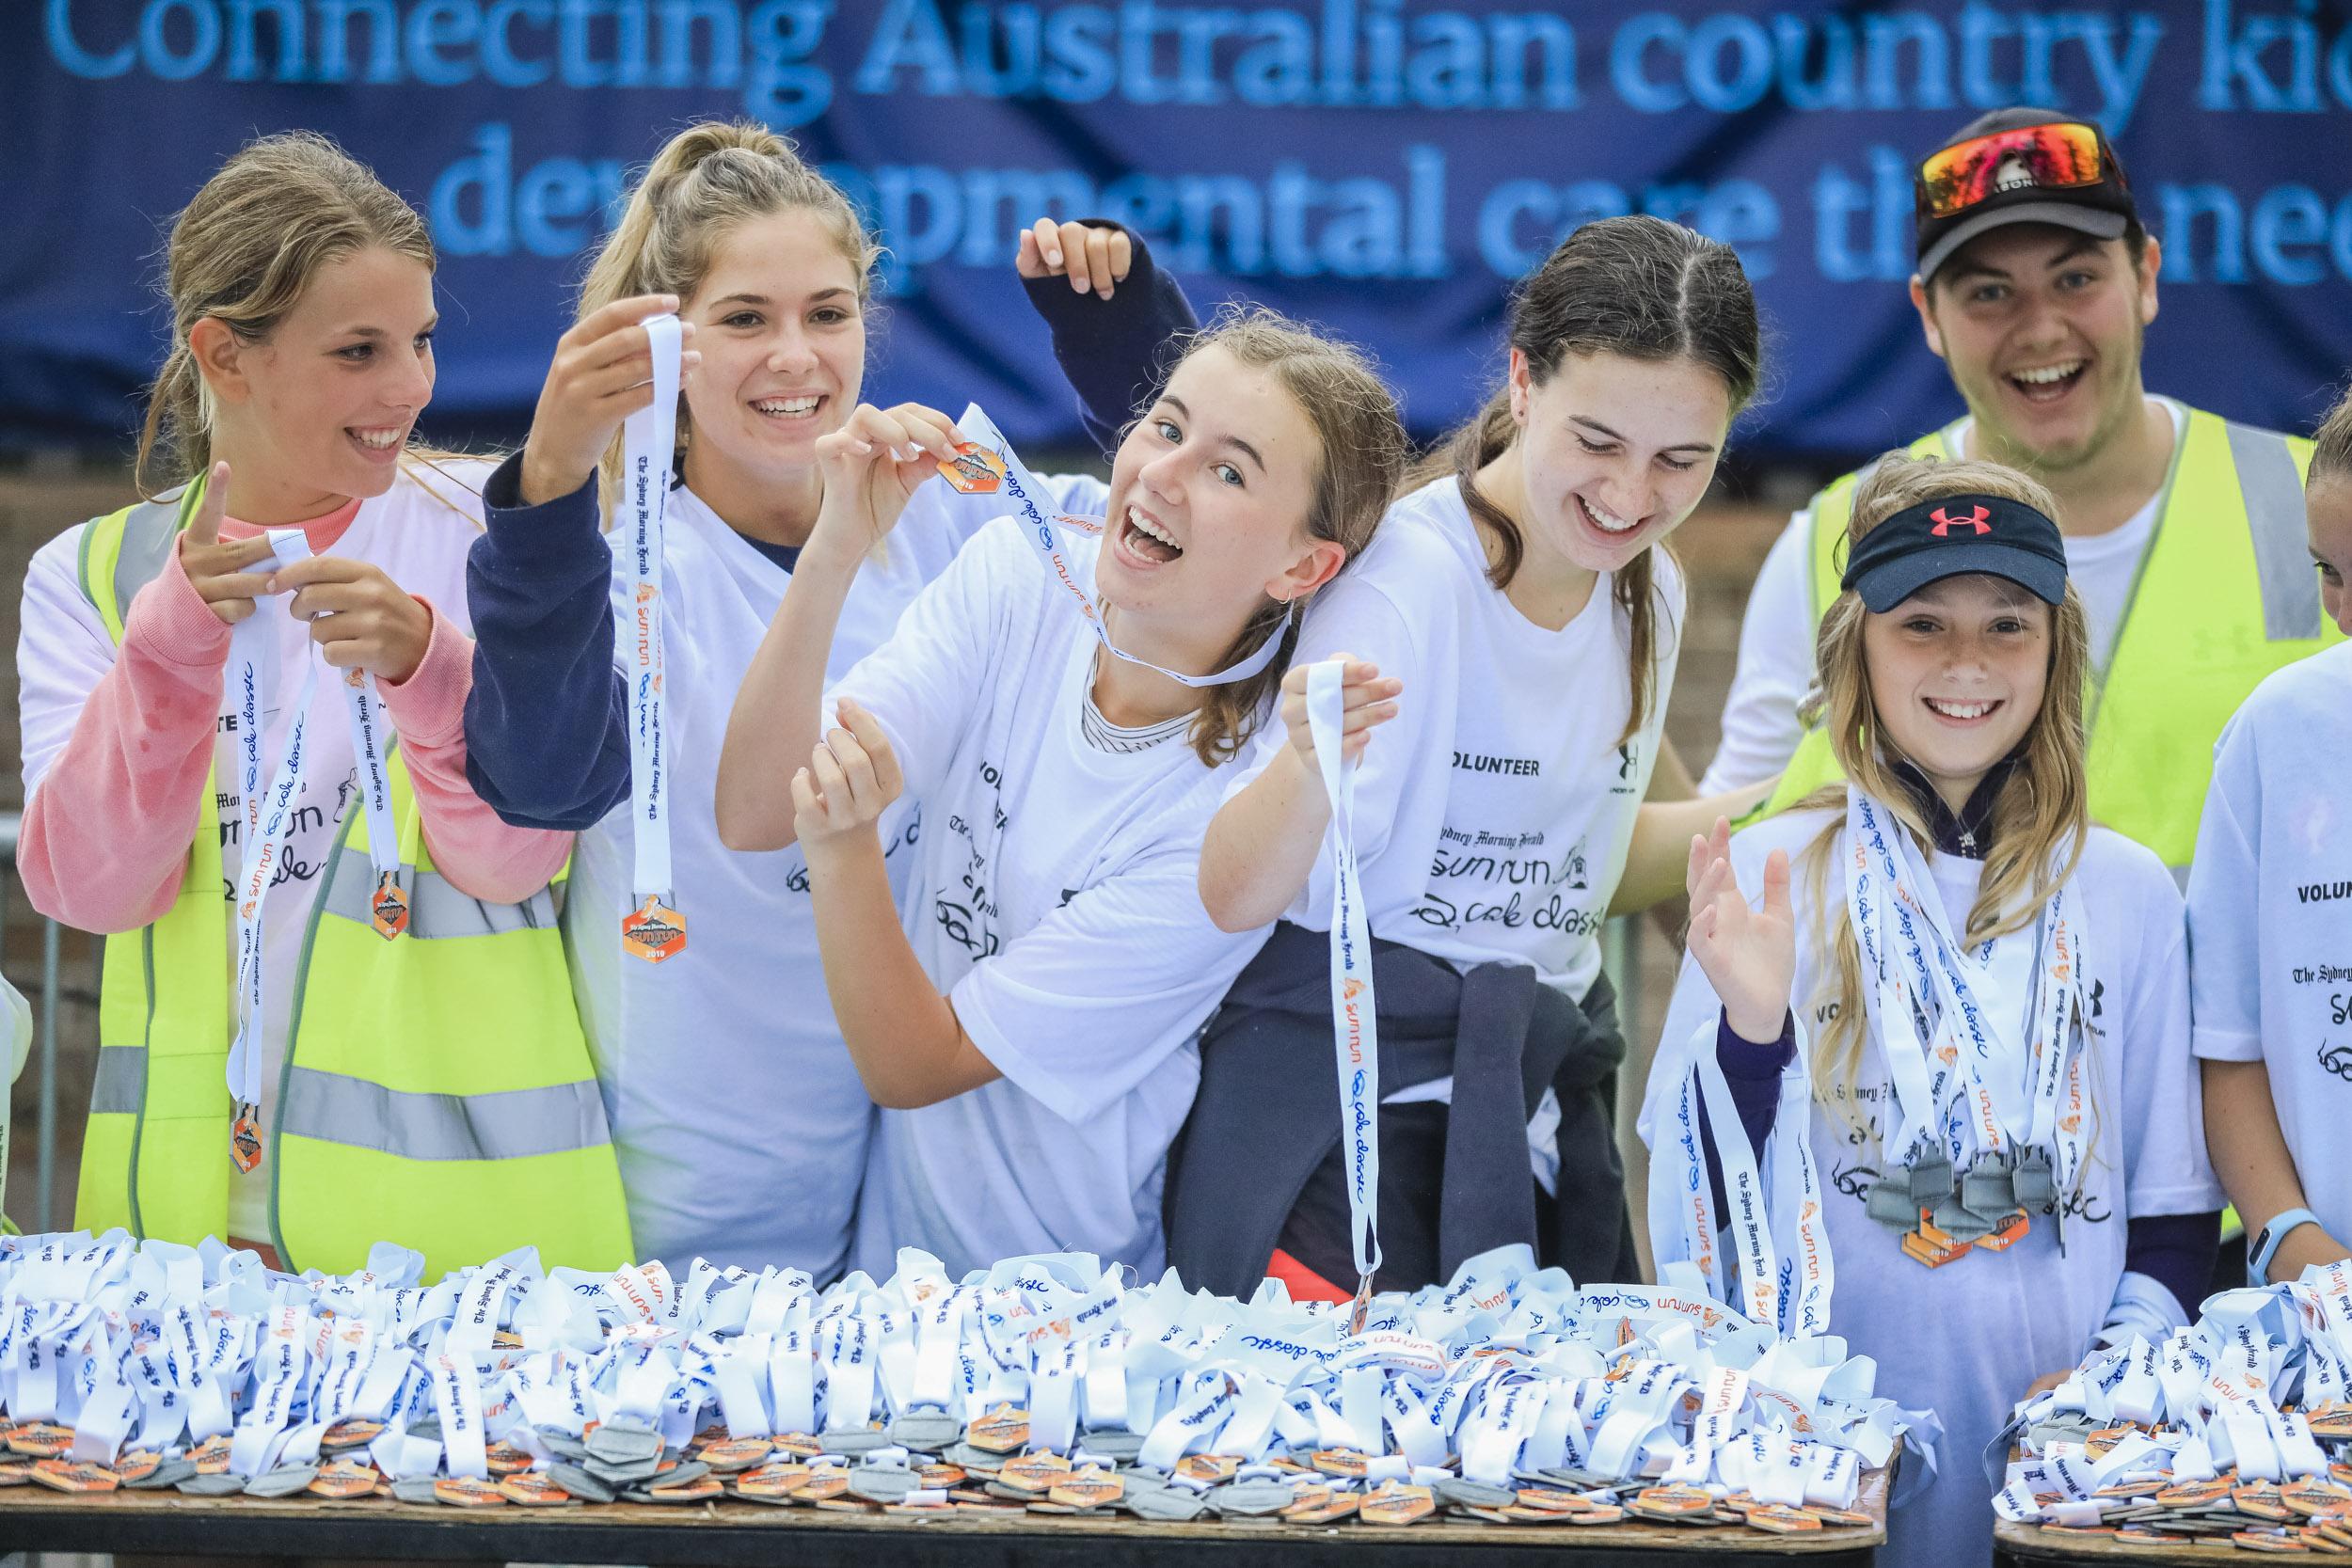 Sydney Morning Herald Sun Run © Salty Dingo 2019 CG-025430.jpg